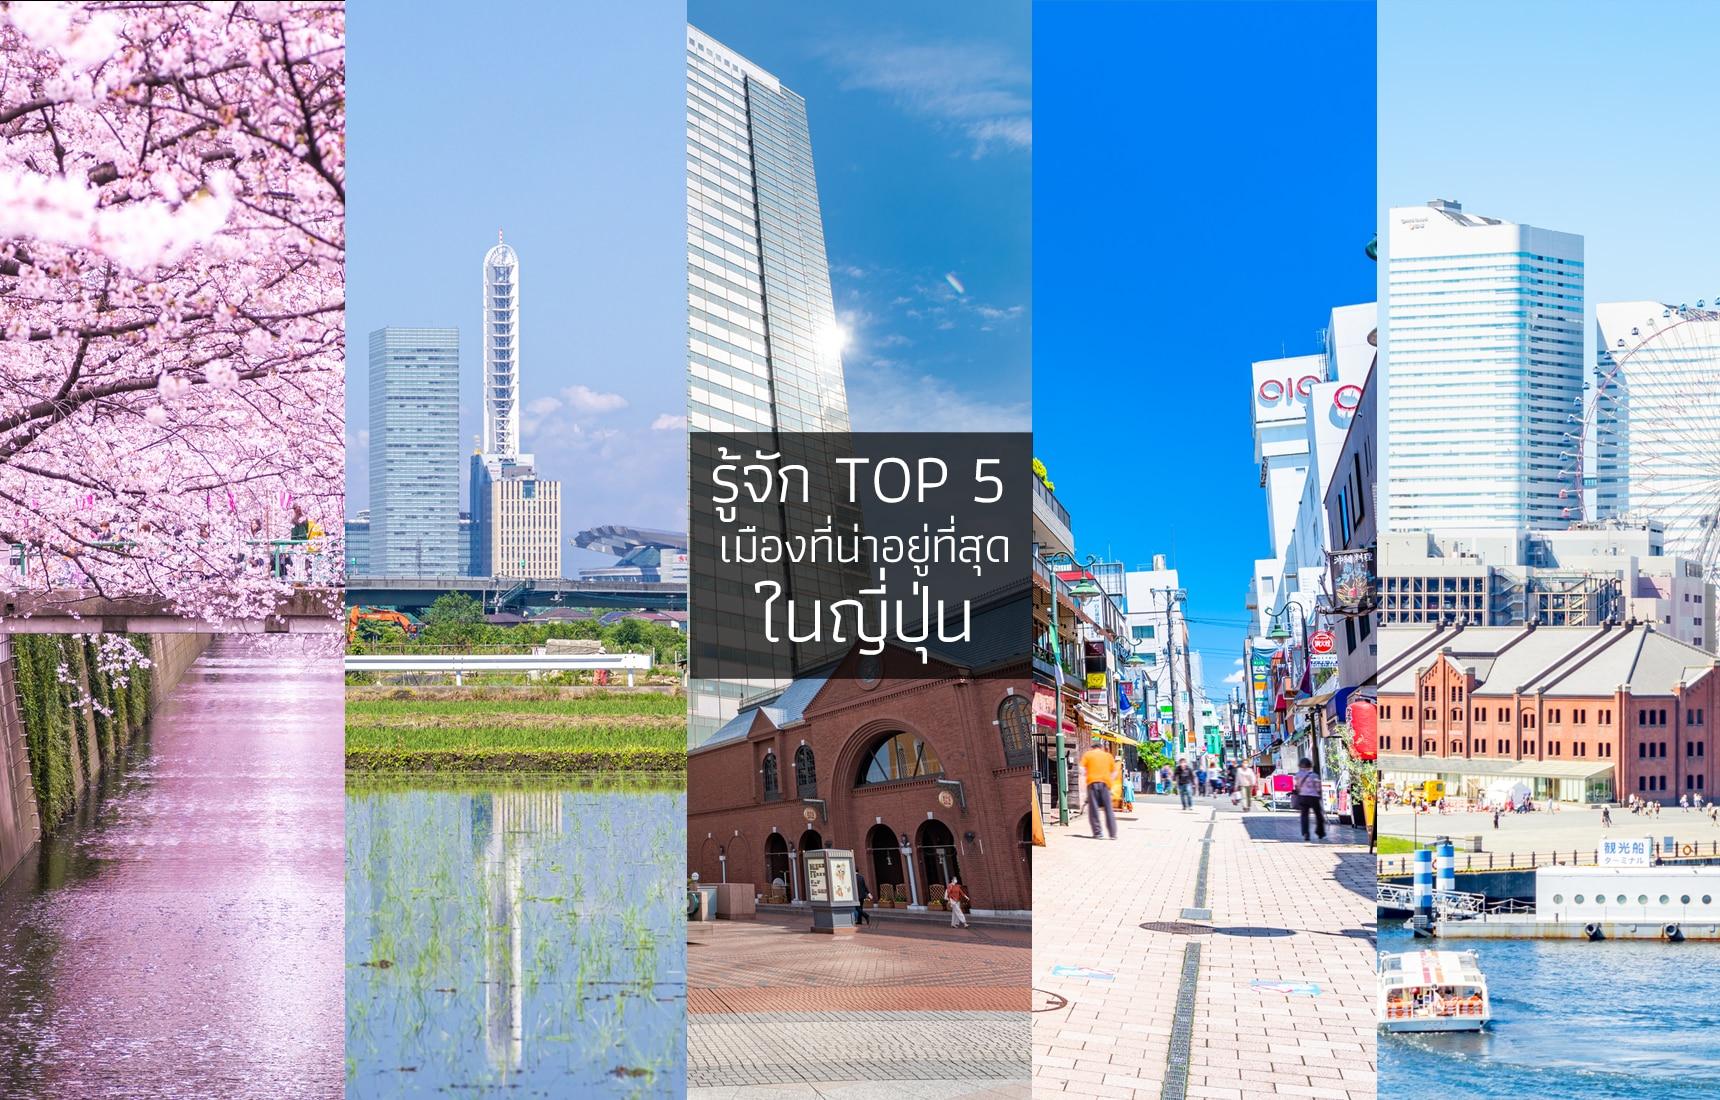 รู้จัก TOP 5 เมืองที่น่าอยู่ที่สุดในญี่ปุ่น